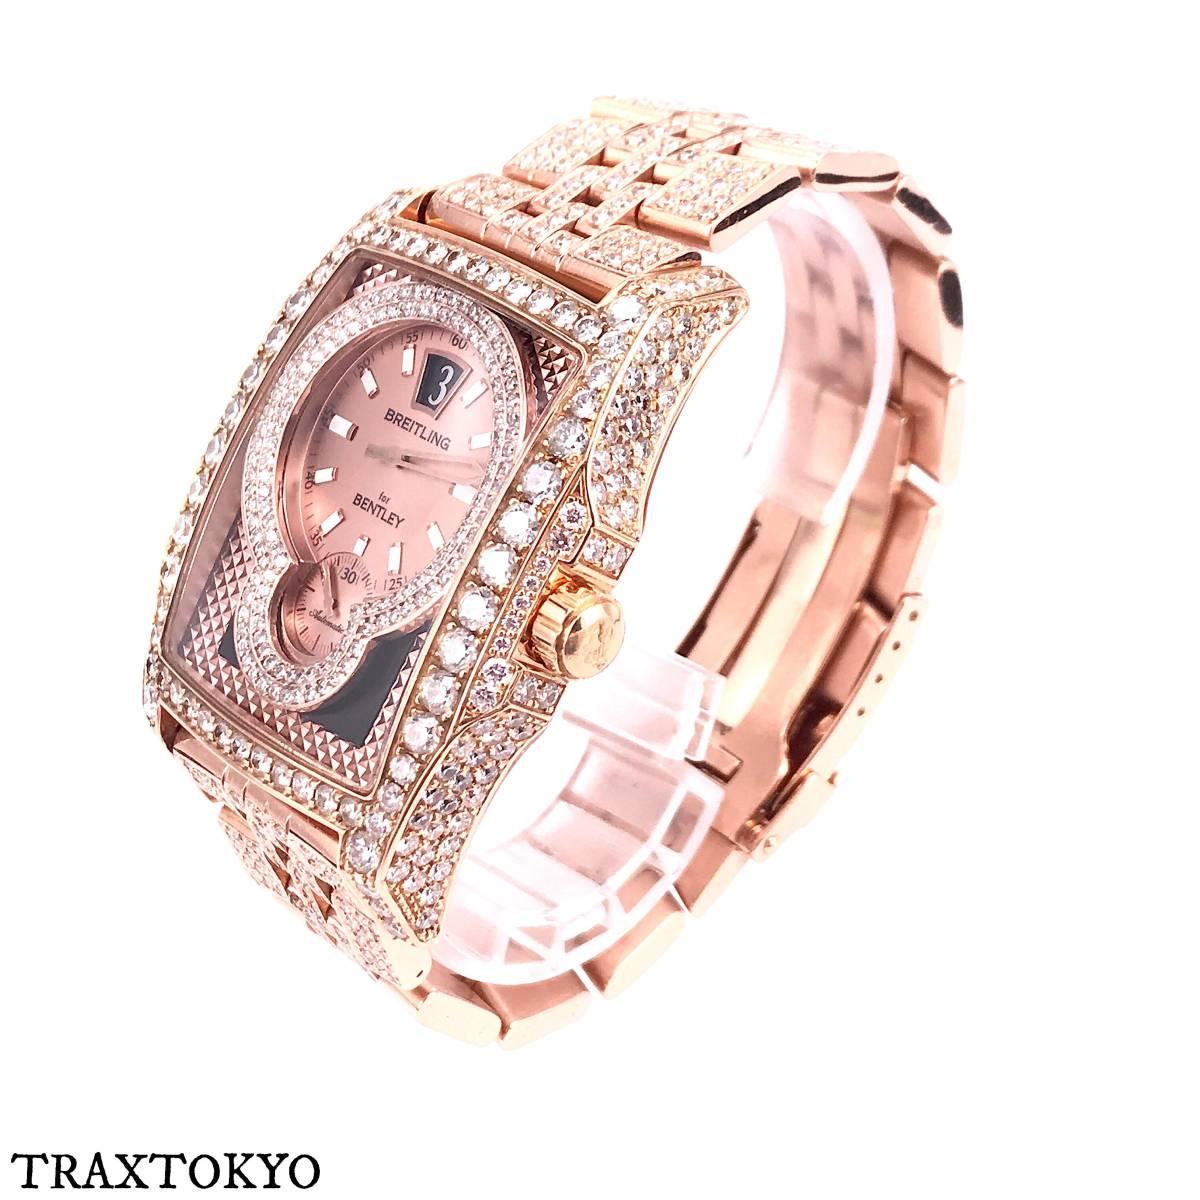 ブライトリング BREITLING ベントレー フライングB R28362 ピンクゴールド ダイヤモンド 美品 メンズ traxtokyo_画像2